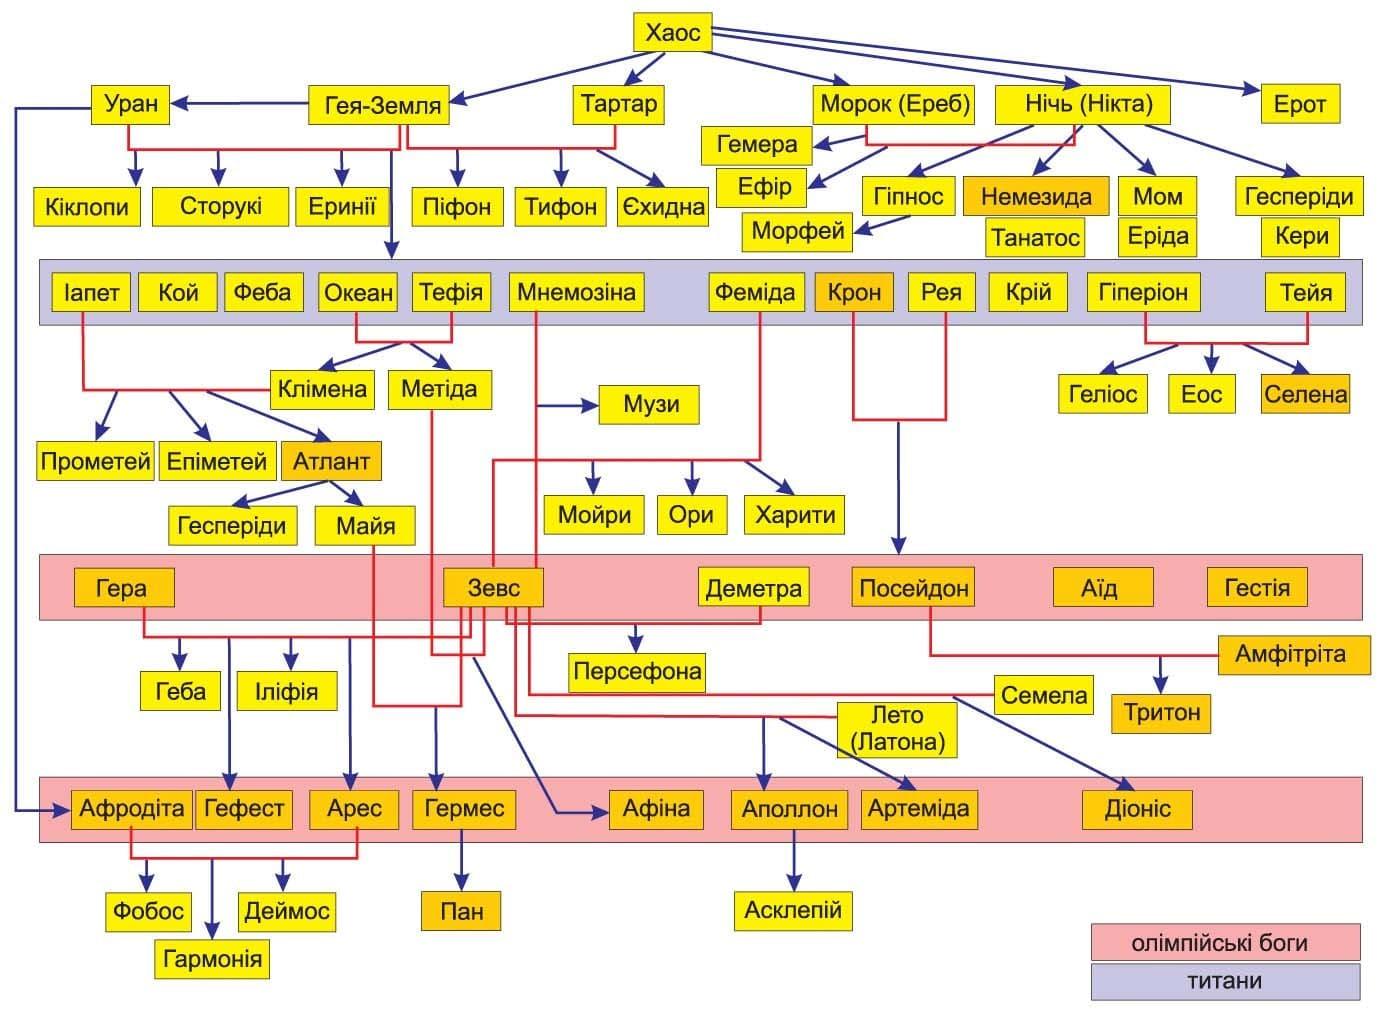 Генеалогія грецьких богів. Міфи Давньої Греції